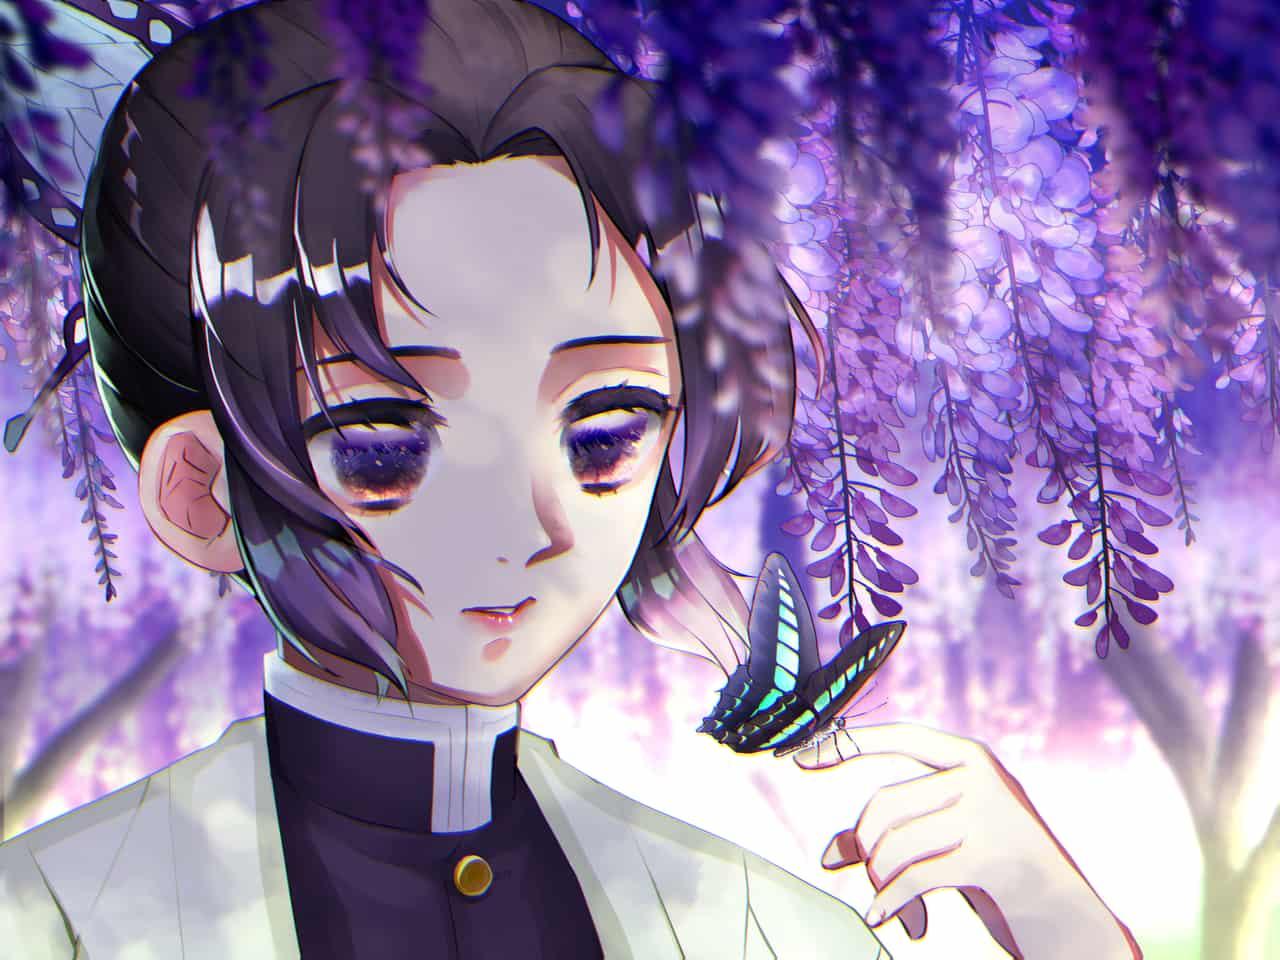 胡蝶しのぶ Illust of アメダ DemonSlayerFanartContest KochouShinobu butterfly 藤の花 KimetsunoYaiba